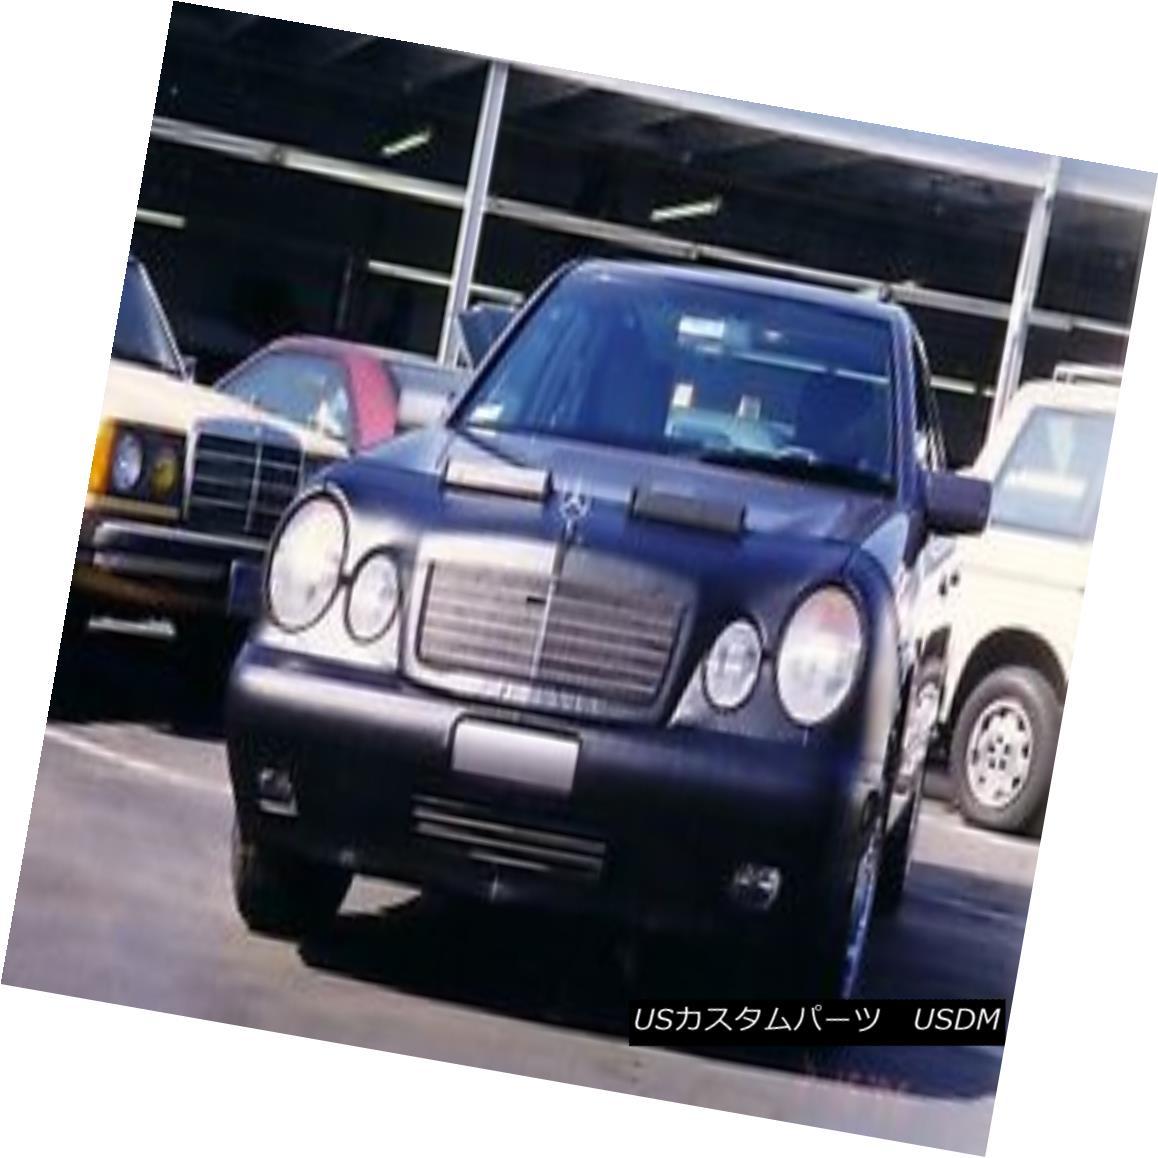 フルブラ ノーズブラ Colgan Front End Mask Bra 2pc. Fits Mercedes Benz E300 E320 96-99 W/Lic.Plate コルガンフロントエンドマスクブラ2pc メルセデスベンツE300 E320 96-99 W / Lic.Plateに適合